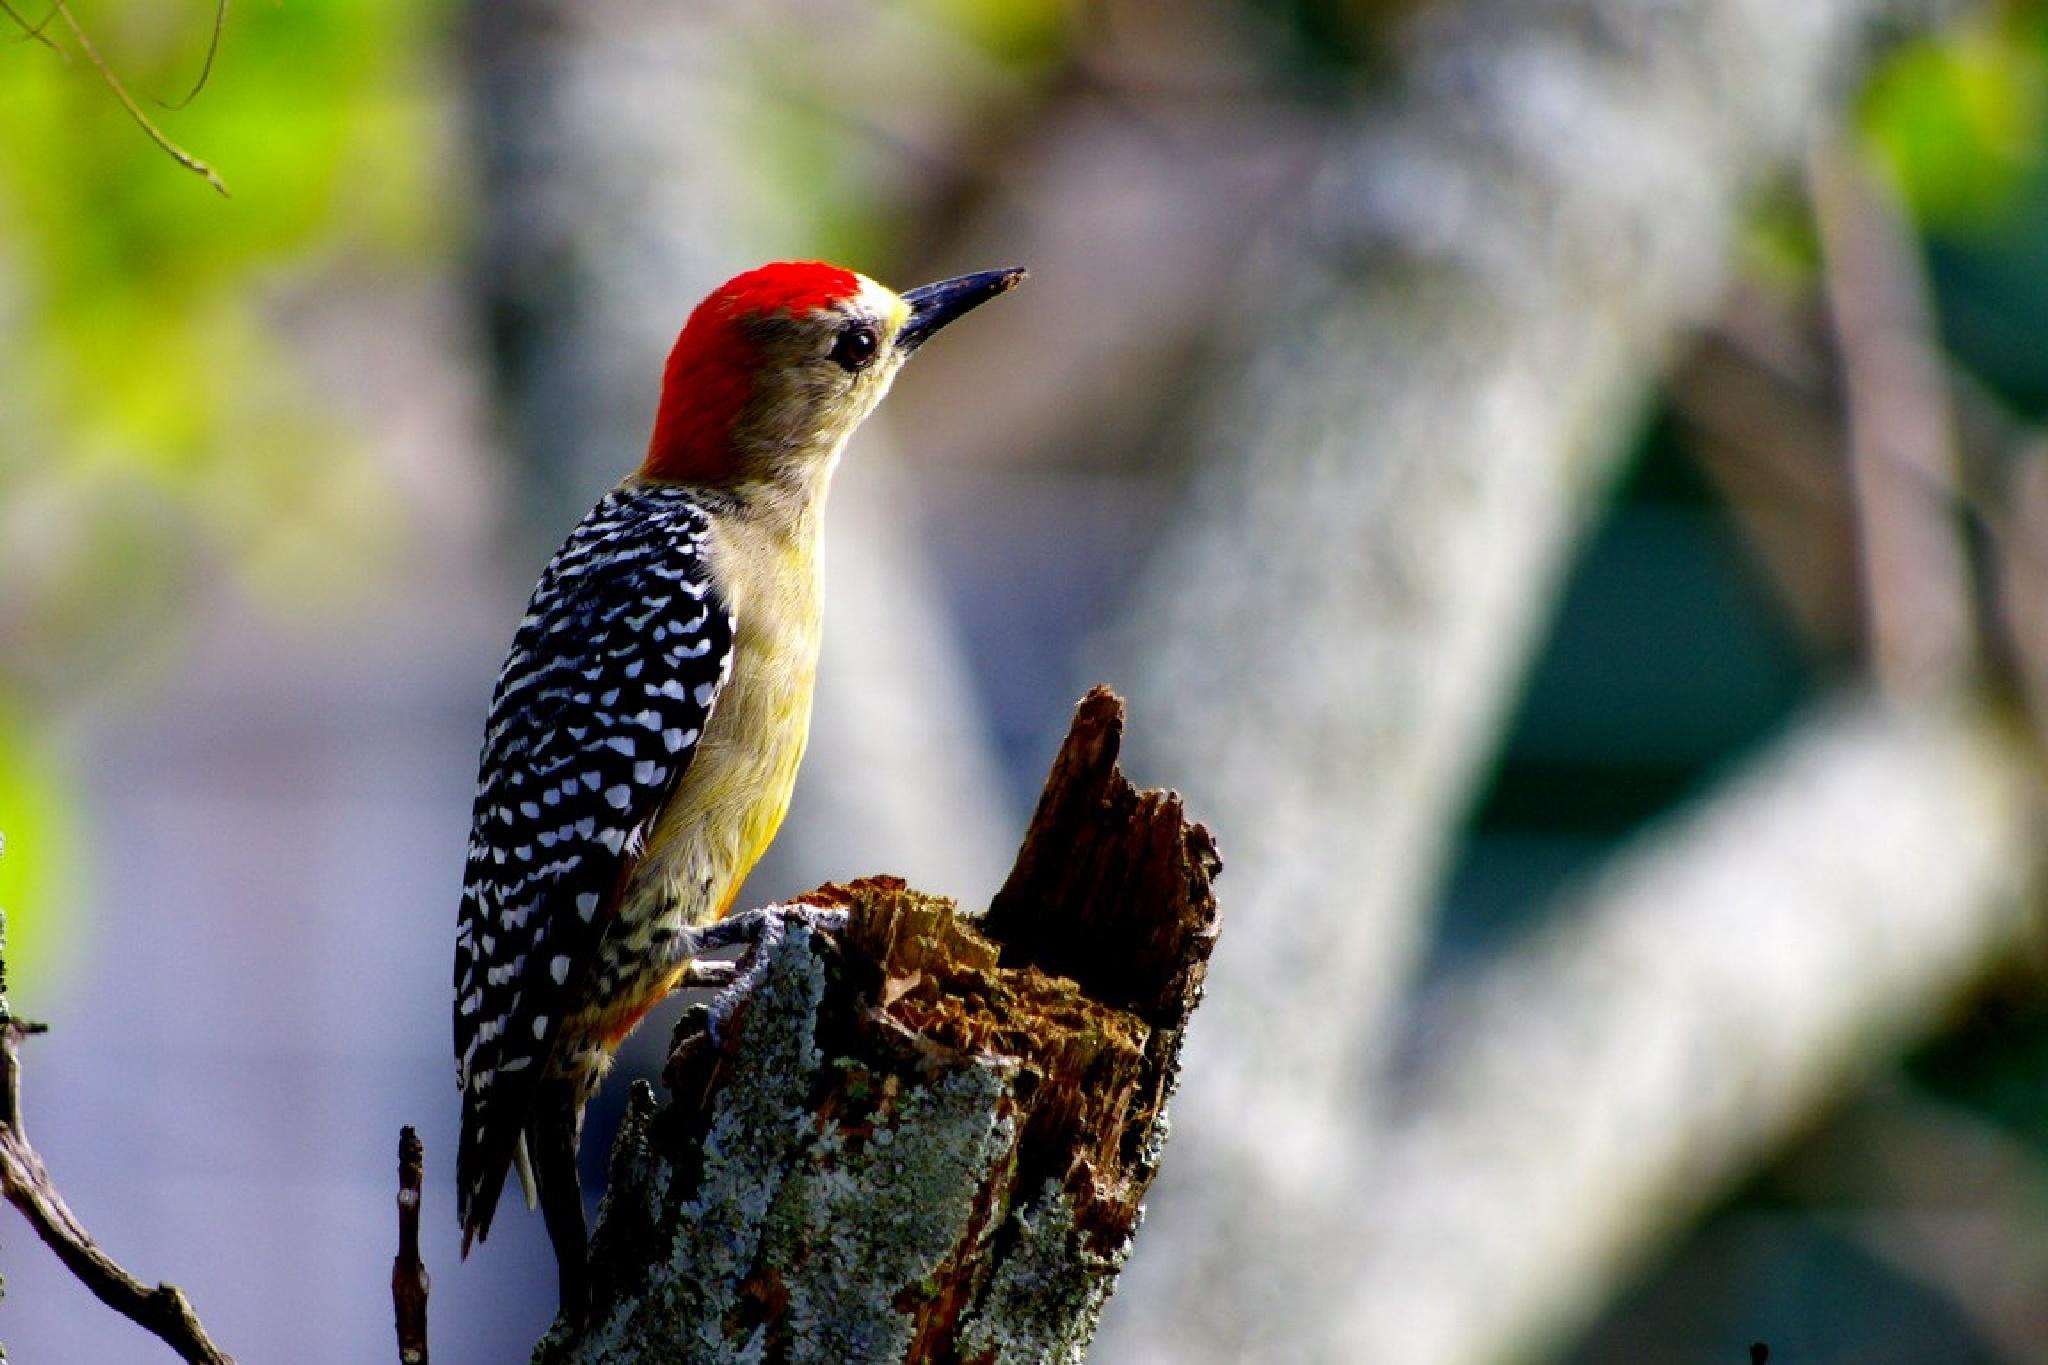 Little woodpecker of Colombia by Dan Steeves